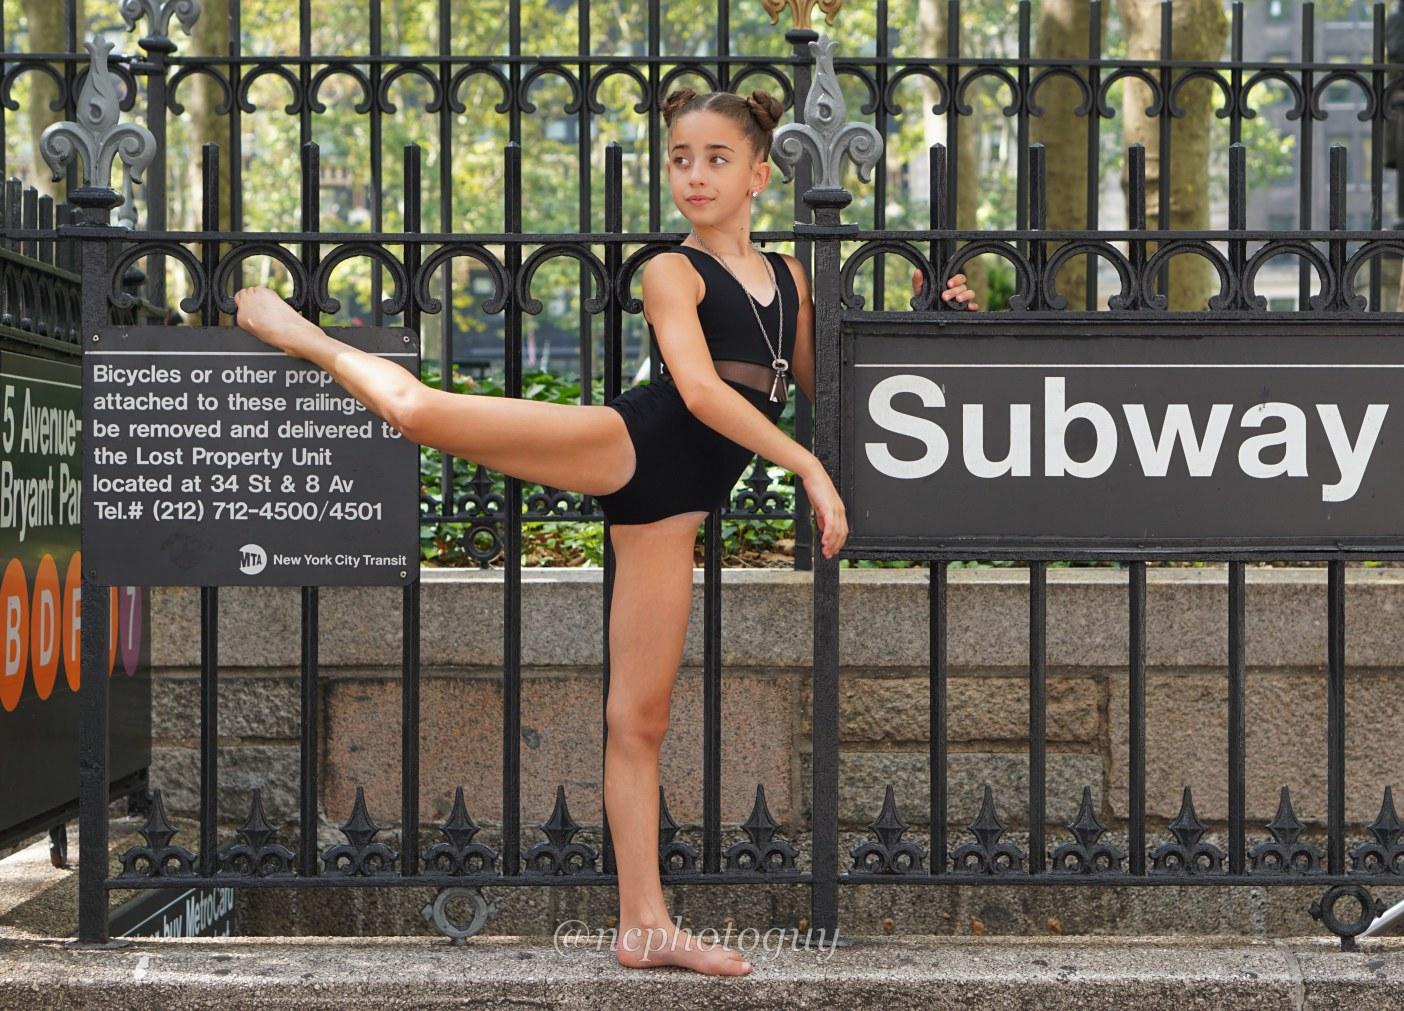 GiaNina subway pic.jpg